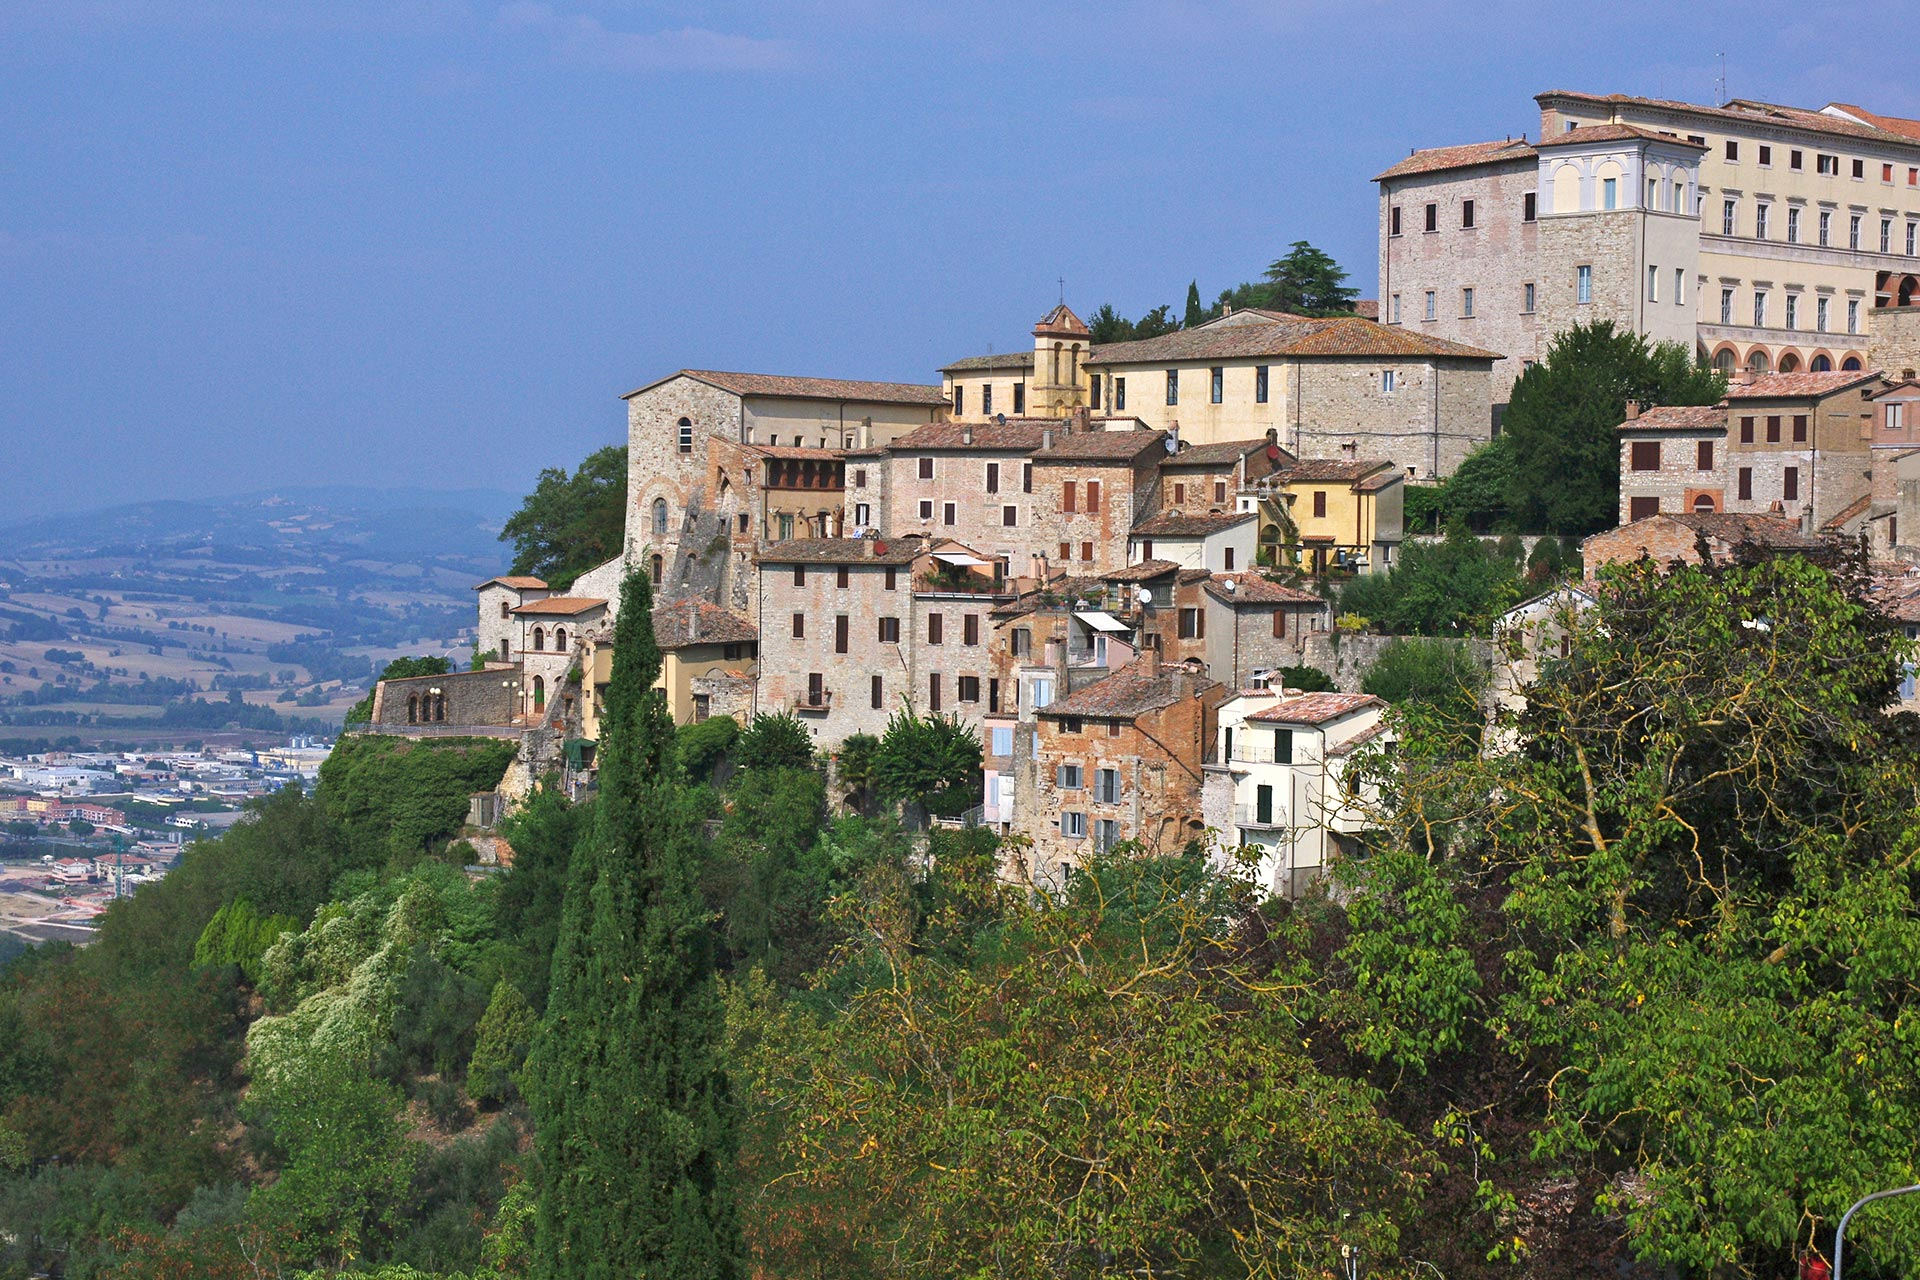 Borghi da visitare in Umbria